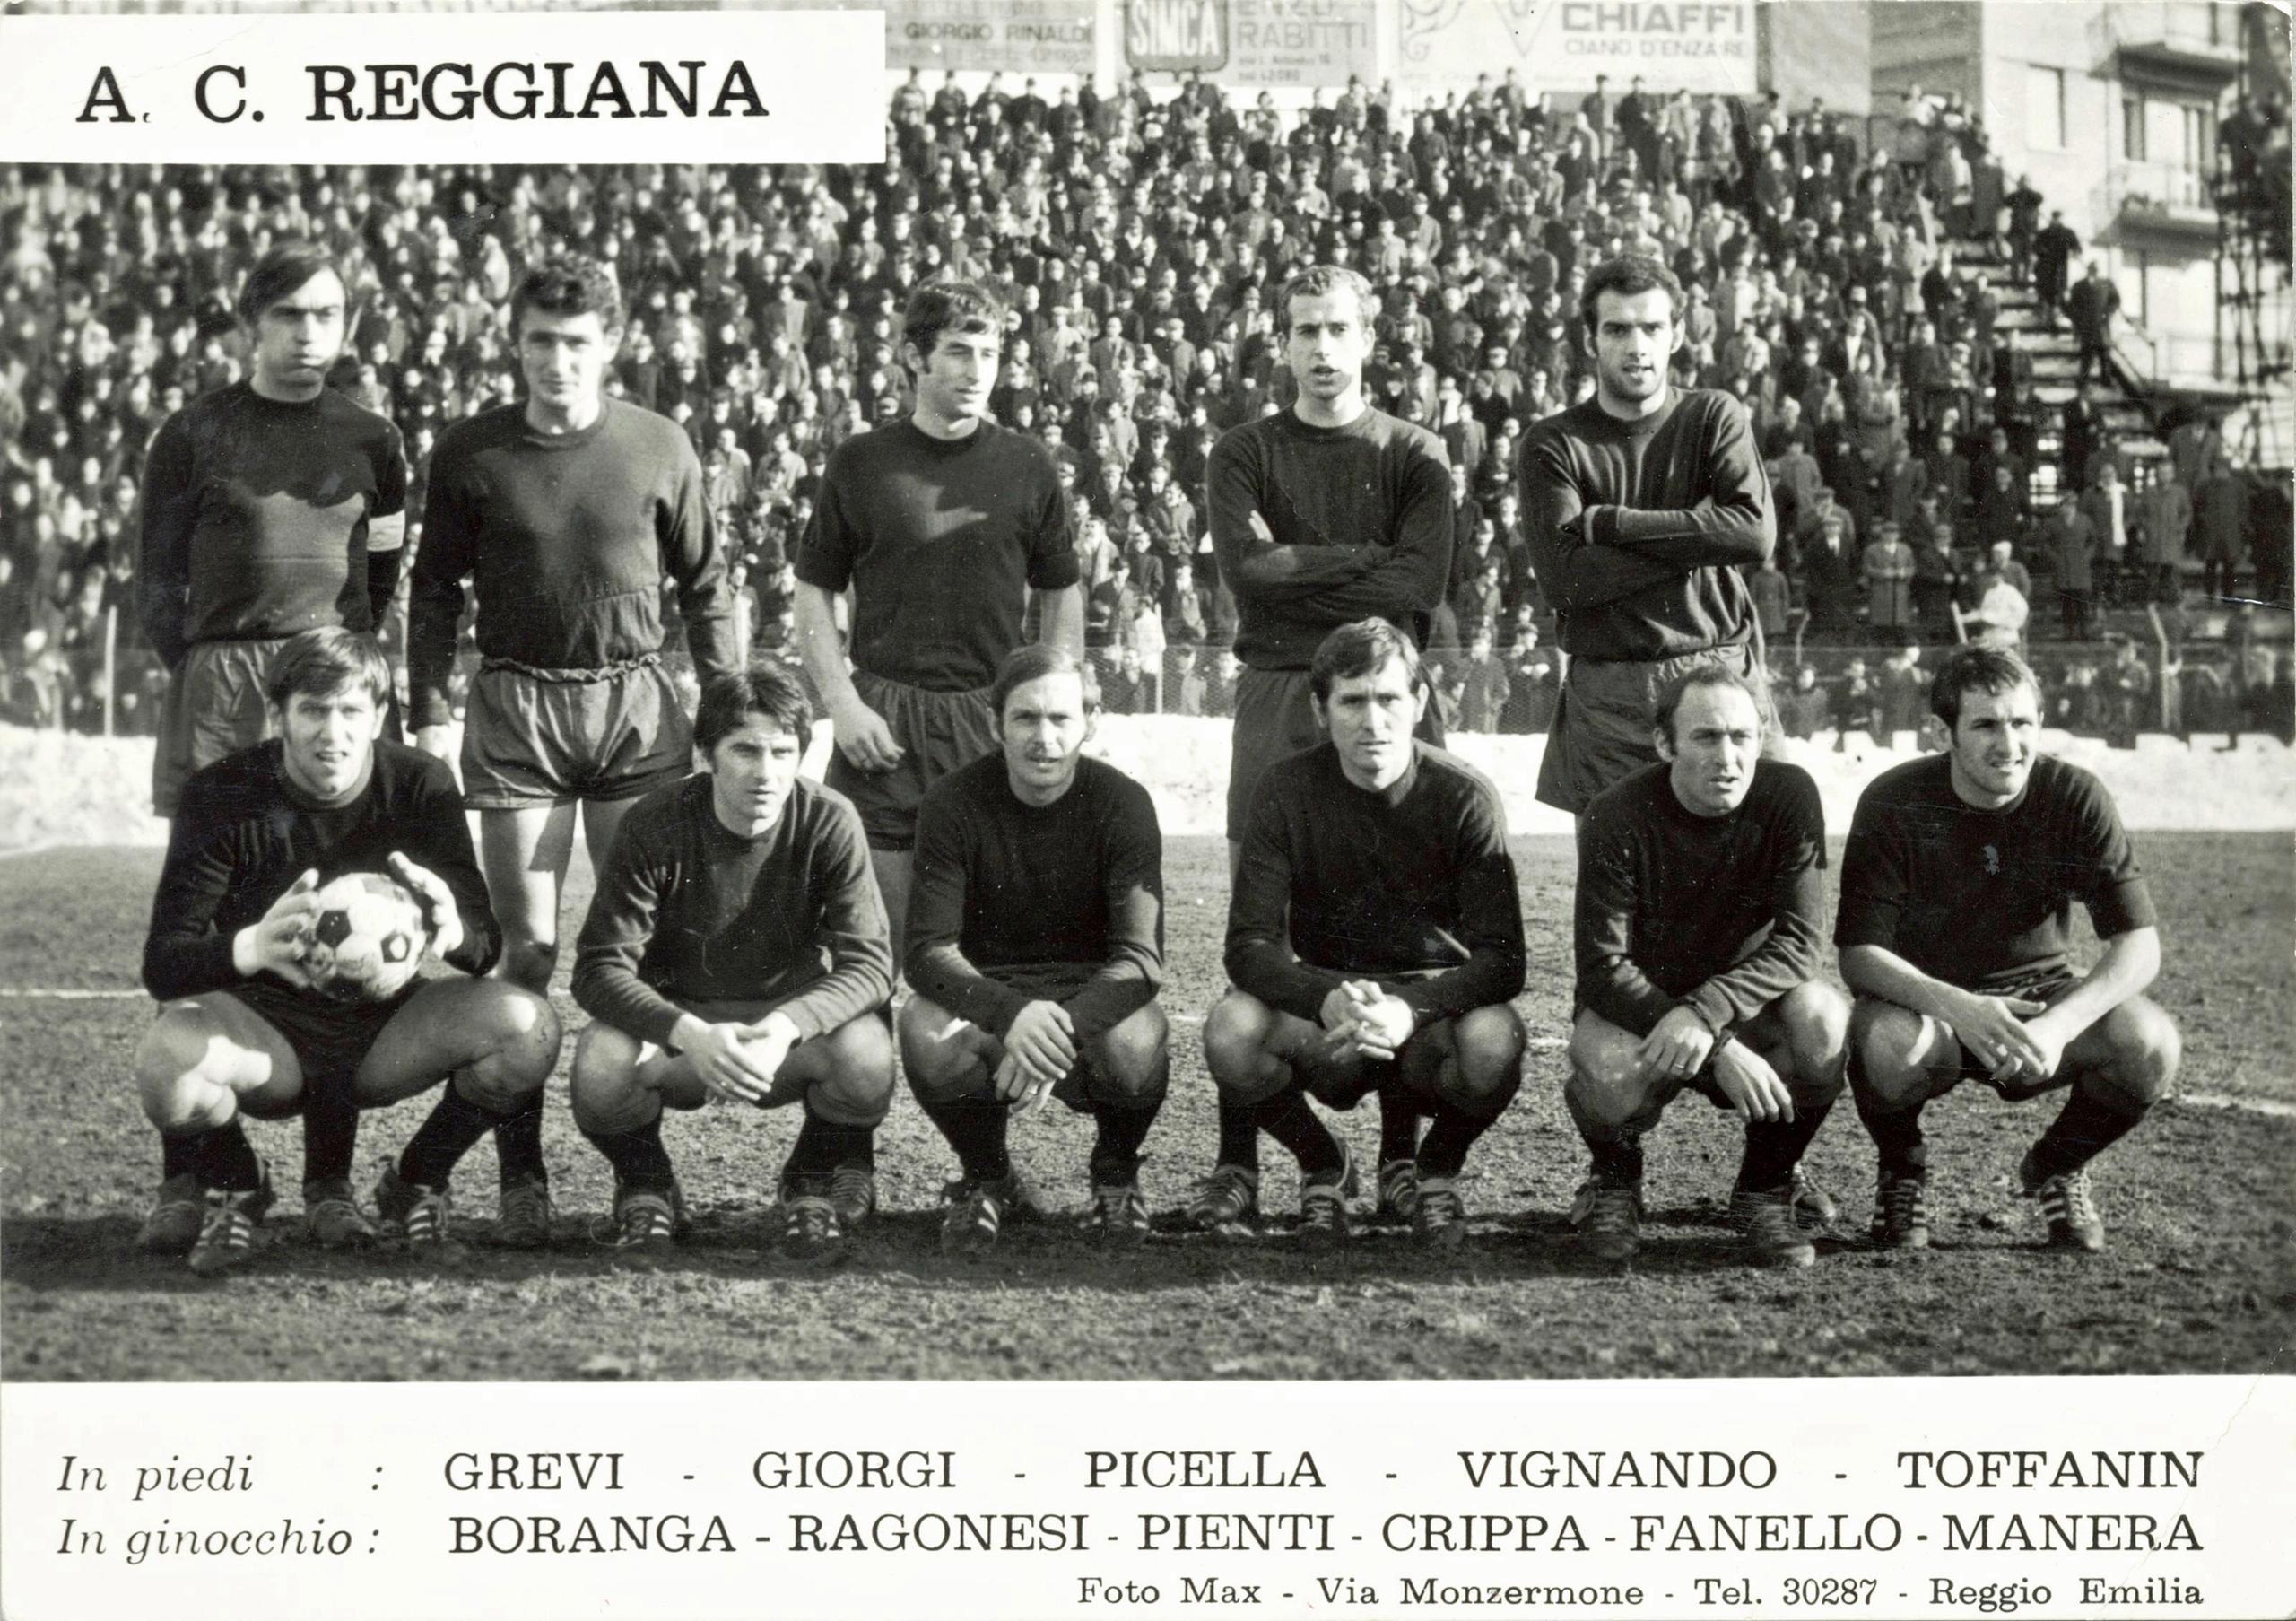 A.C. Reggiana 1968/69. Della rosa fa parte anche Antonio Toffanin, proveniente dal Galileo Battaglia.